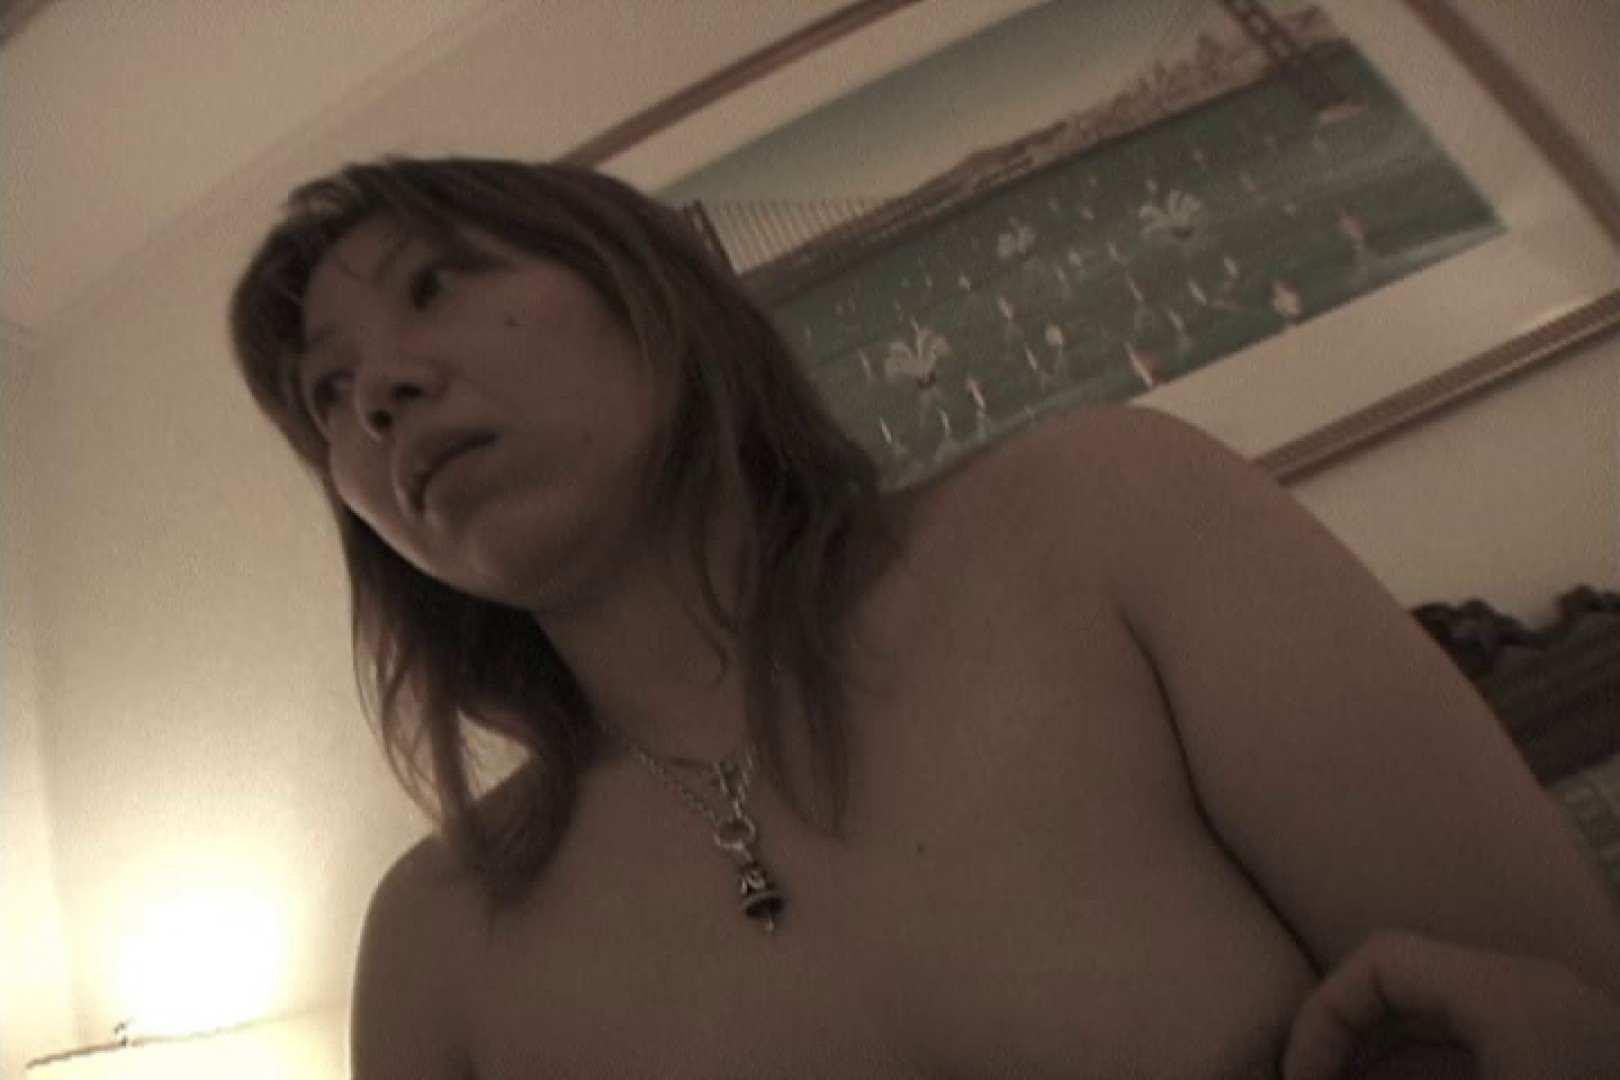 ツンデレ素人嬢もチンポには弱い~増田あけみ~ 素人  105枚 56